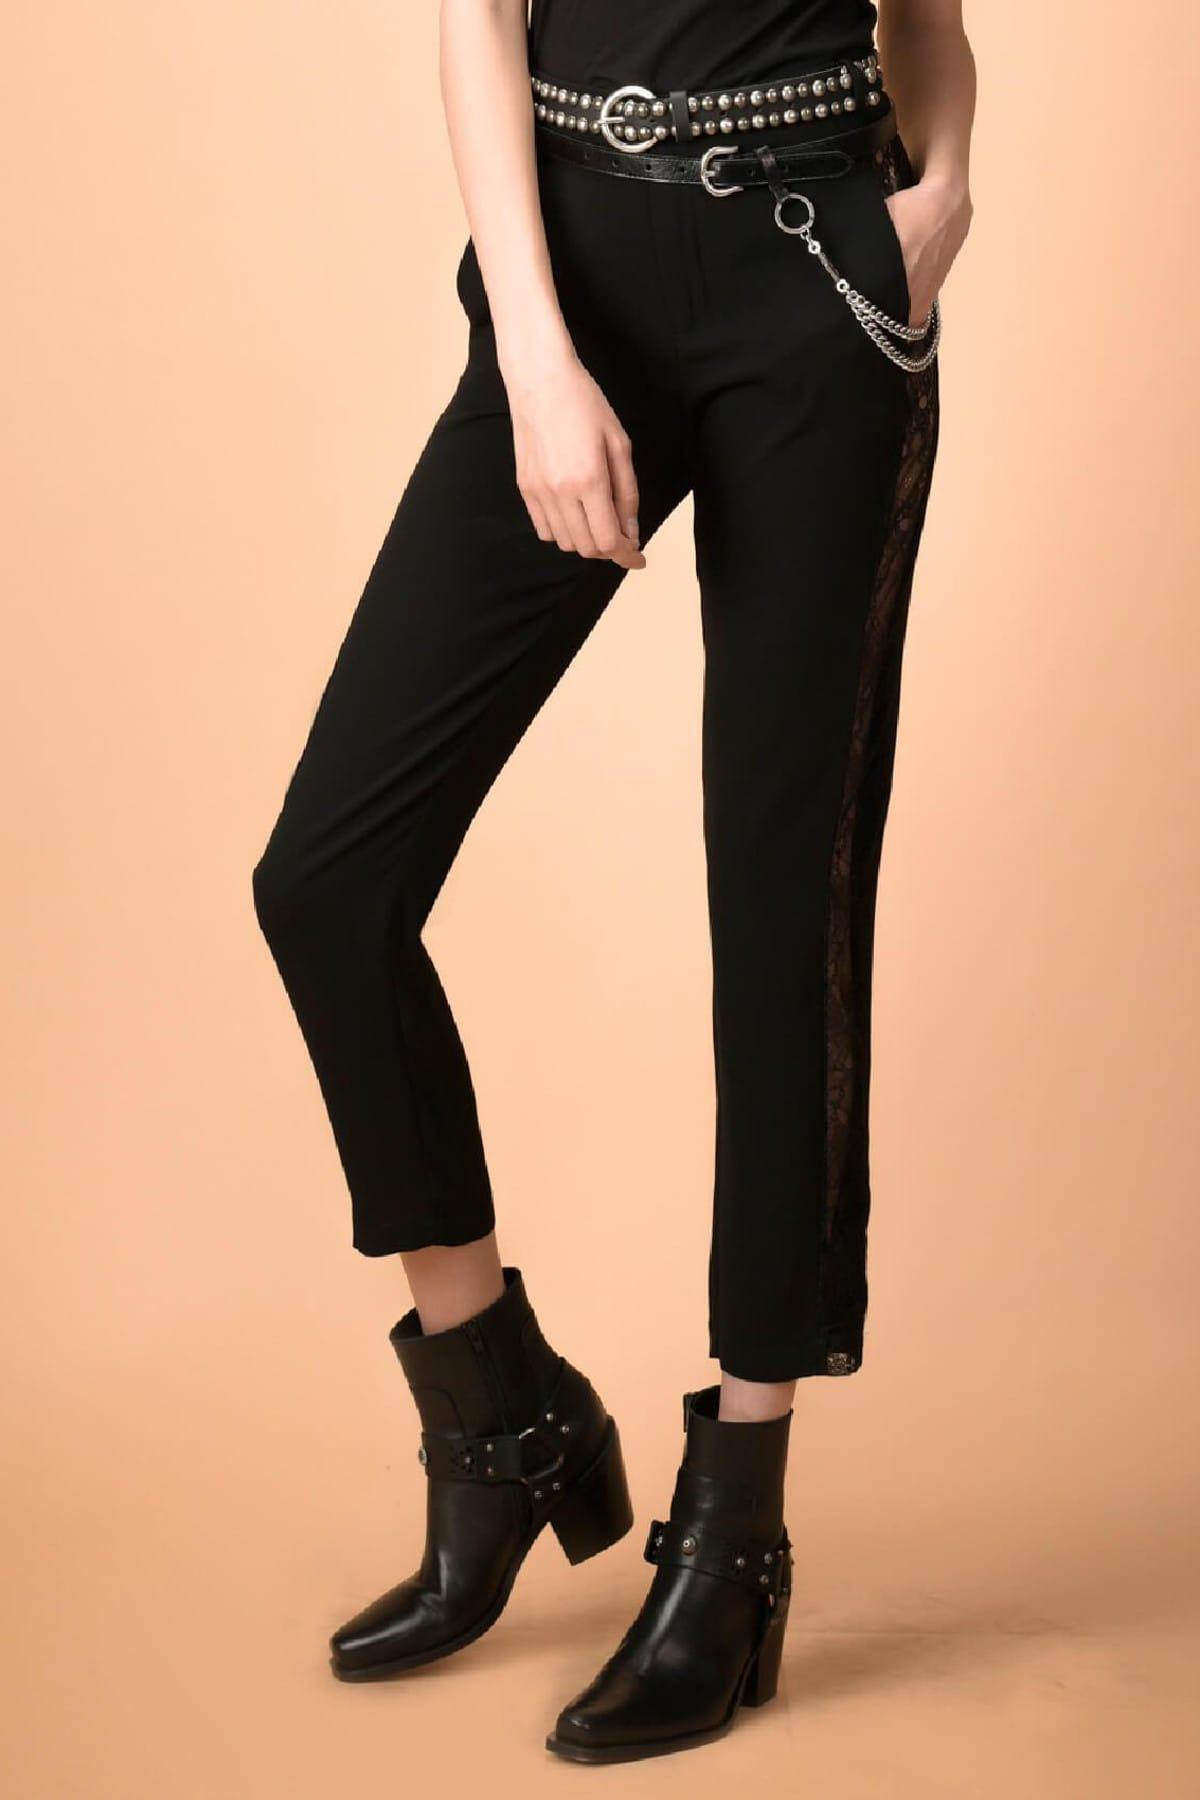 PİNKO Kadın Siyah Pantolon 338971 1